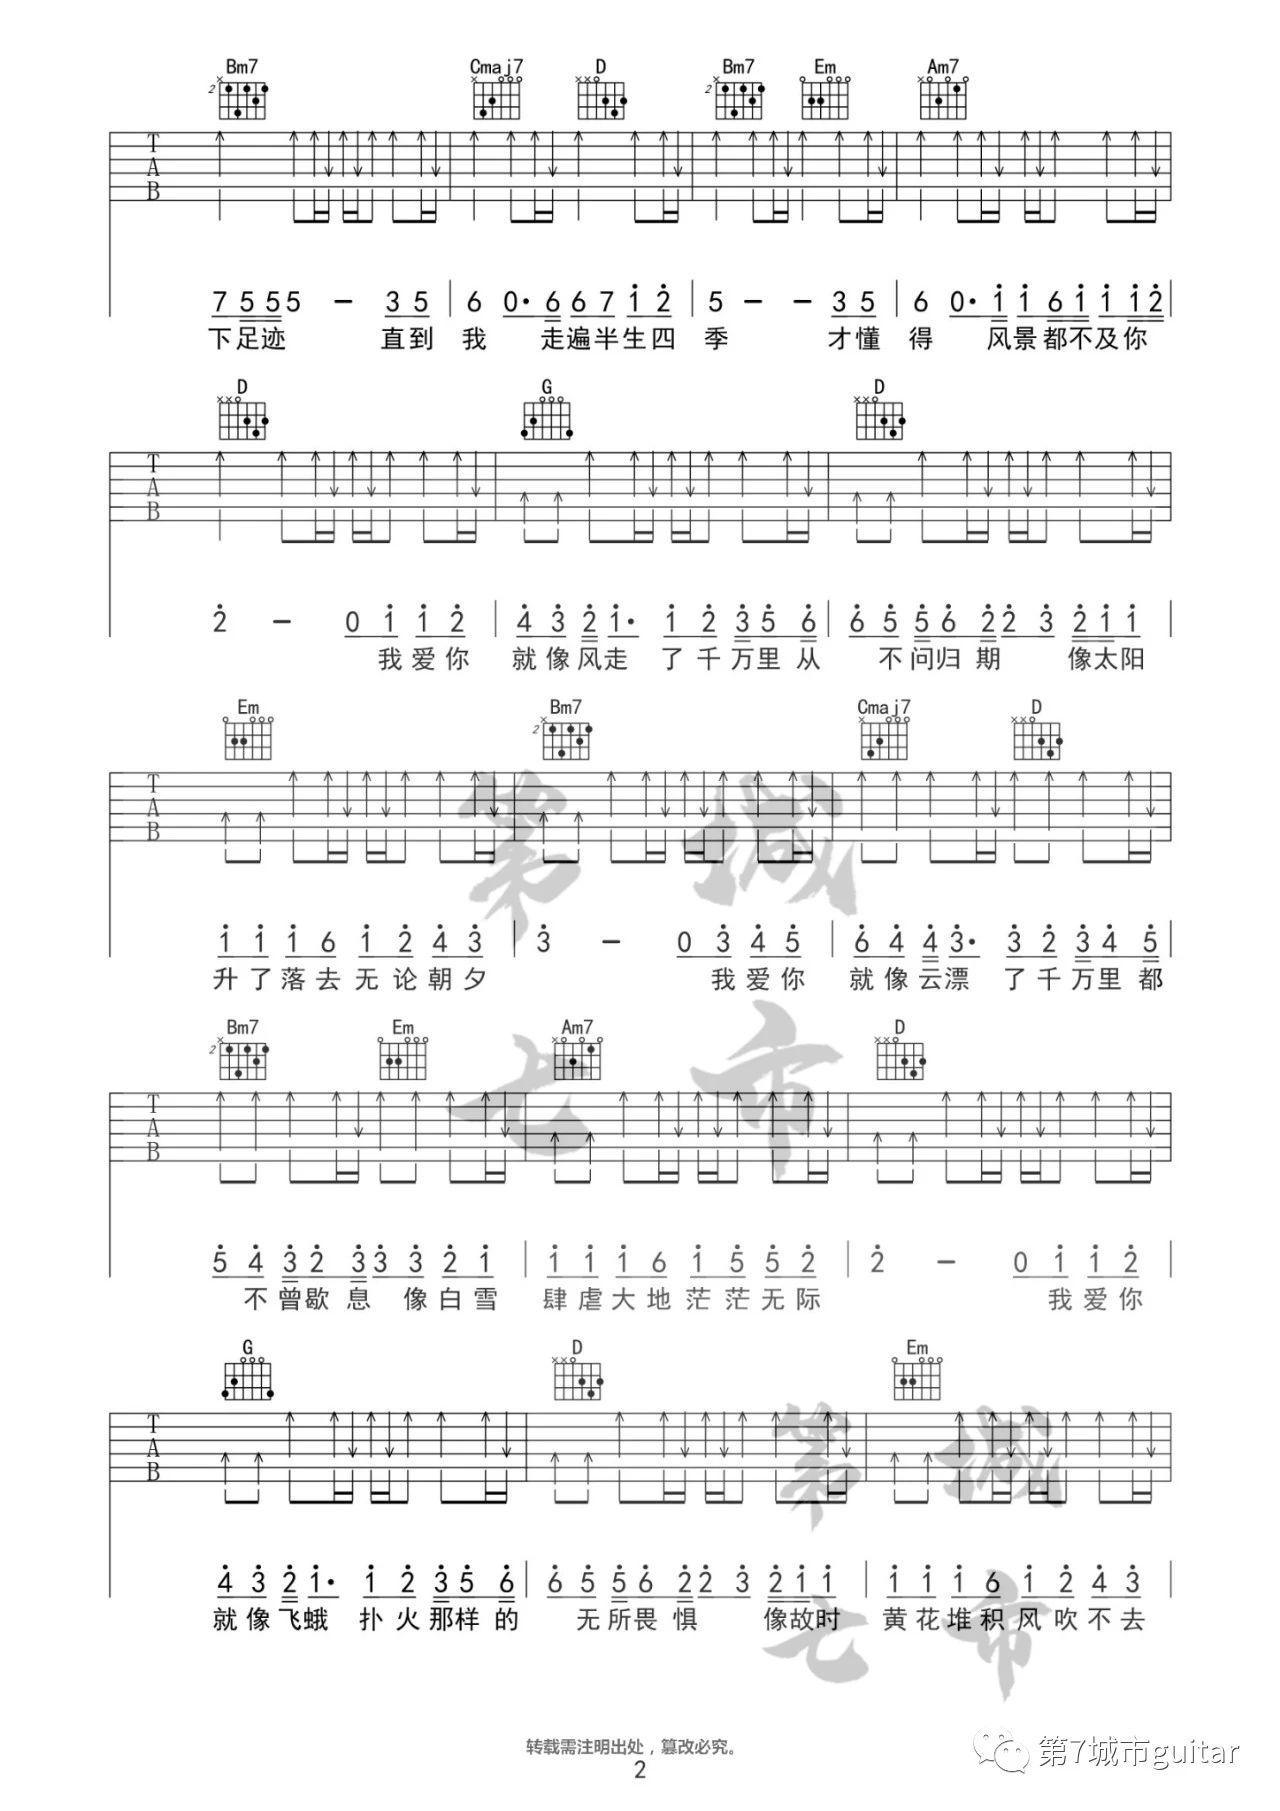 吉他派《我爱你不问归期》吉他谱-2